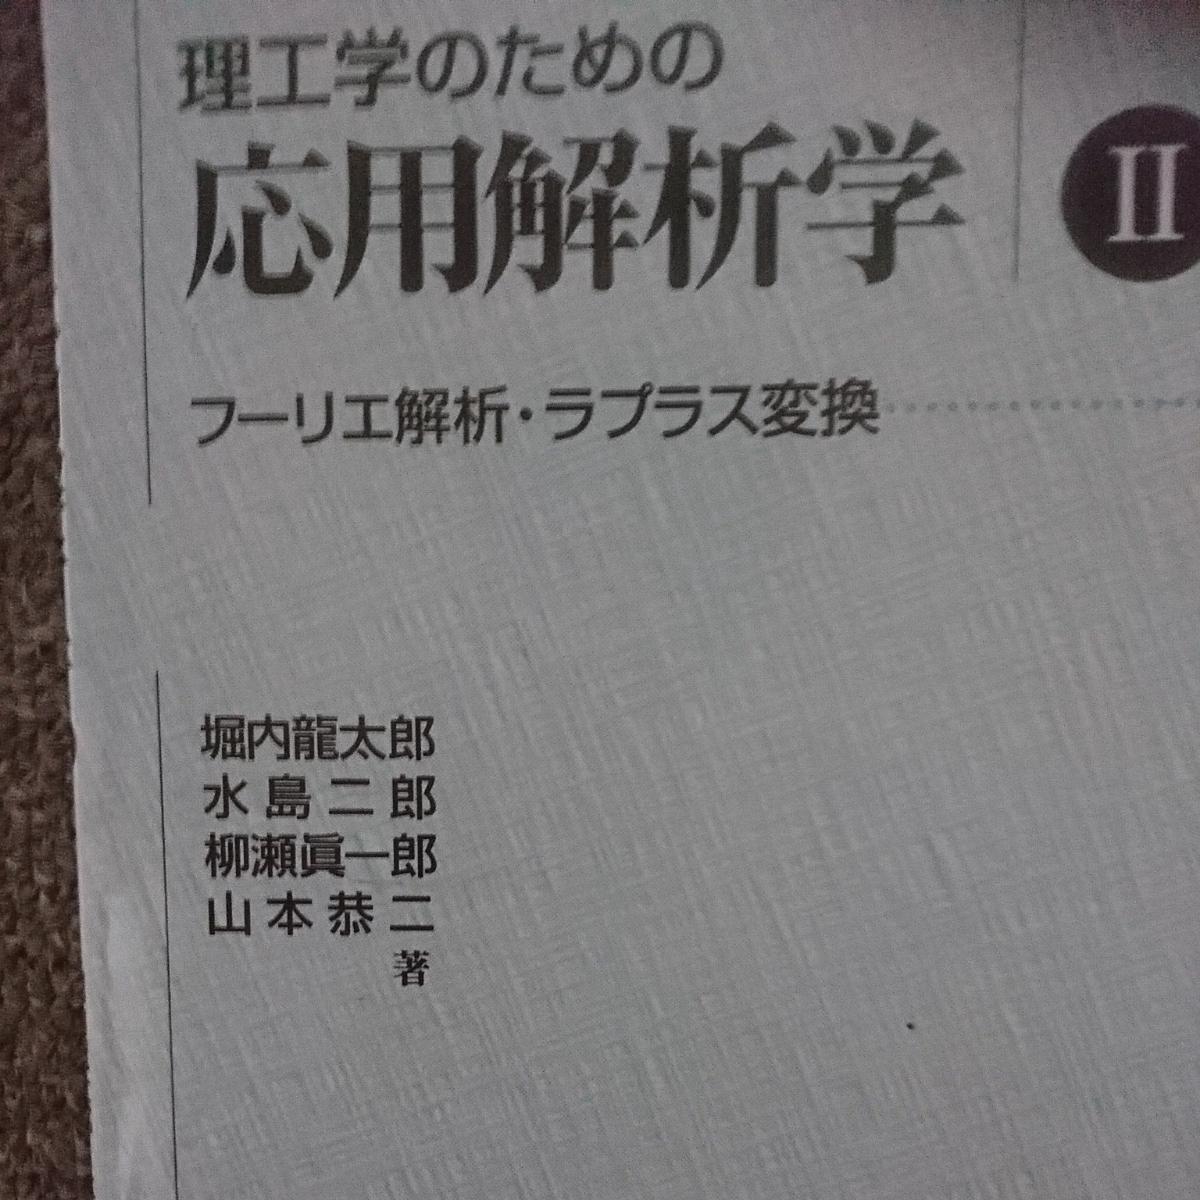 理工学のための応用解析学 フーリエ解析・ラプラス変換 朝倉書店_画像2